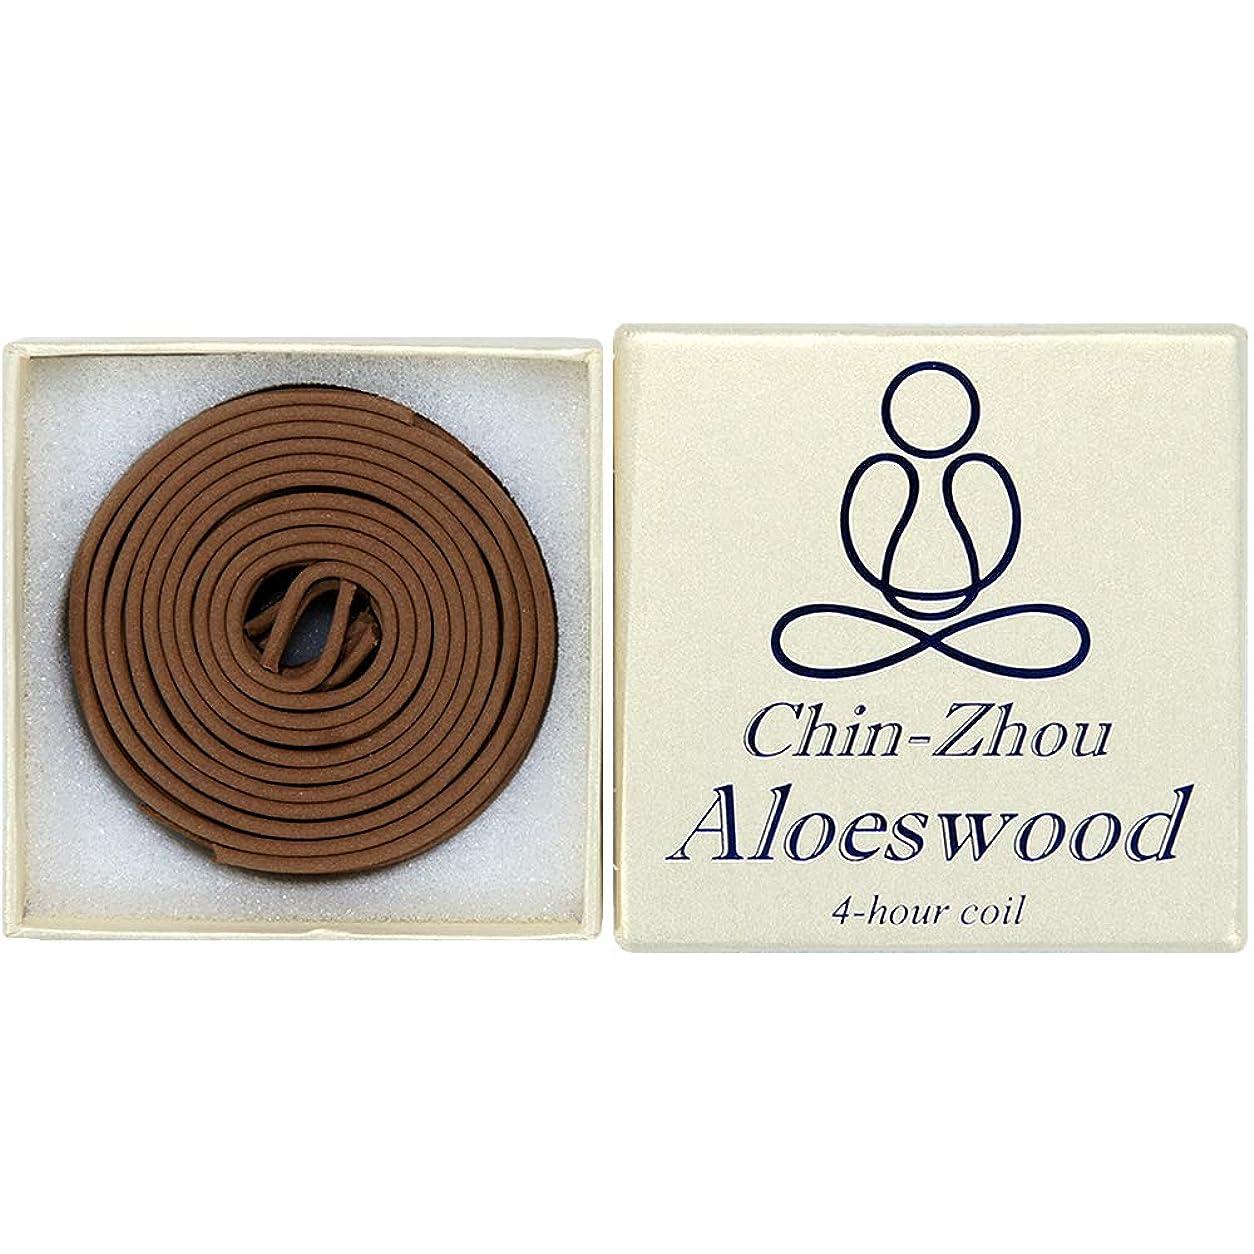 同じアームストロング消える12ピース4-hour chin-zhou Aloeswoodコイル?–?100?% Natural?–?f023t